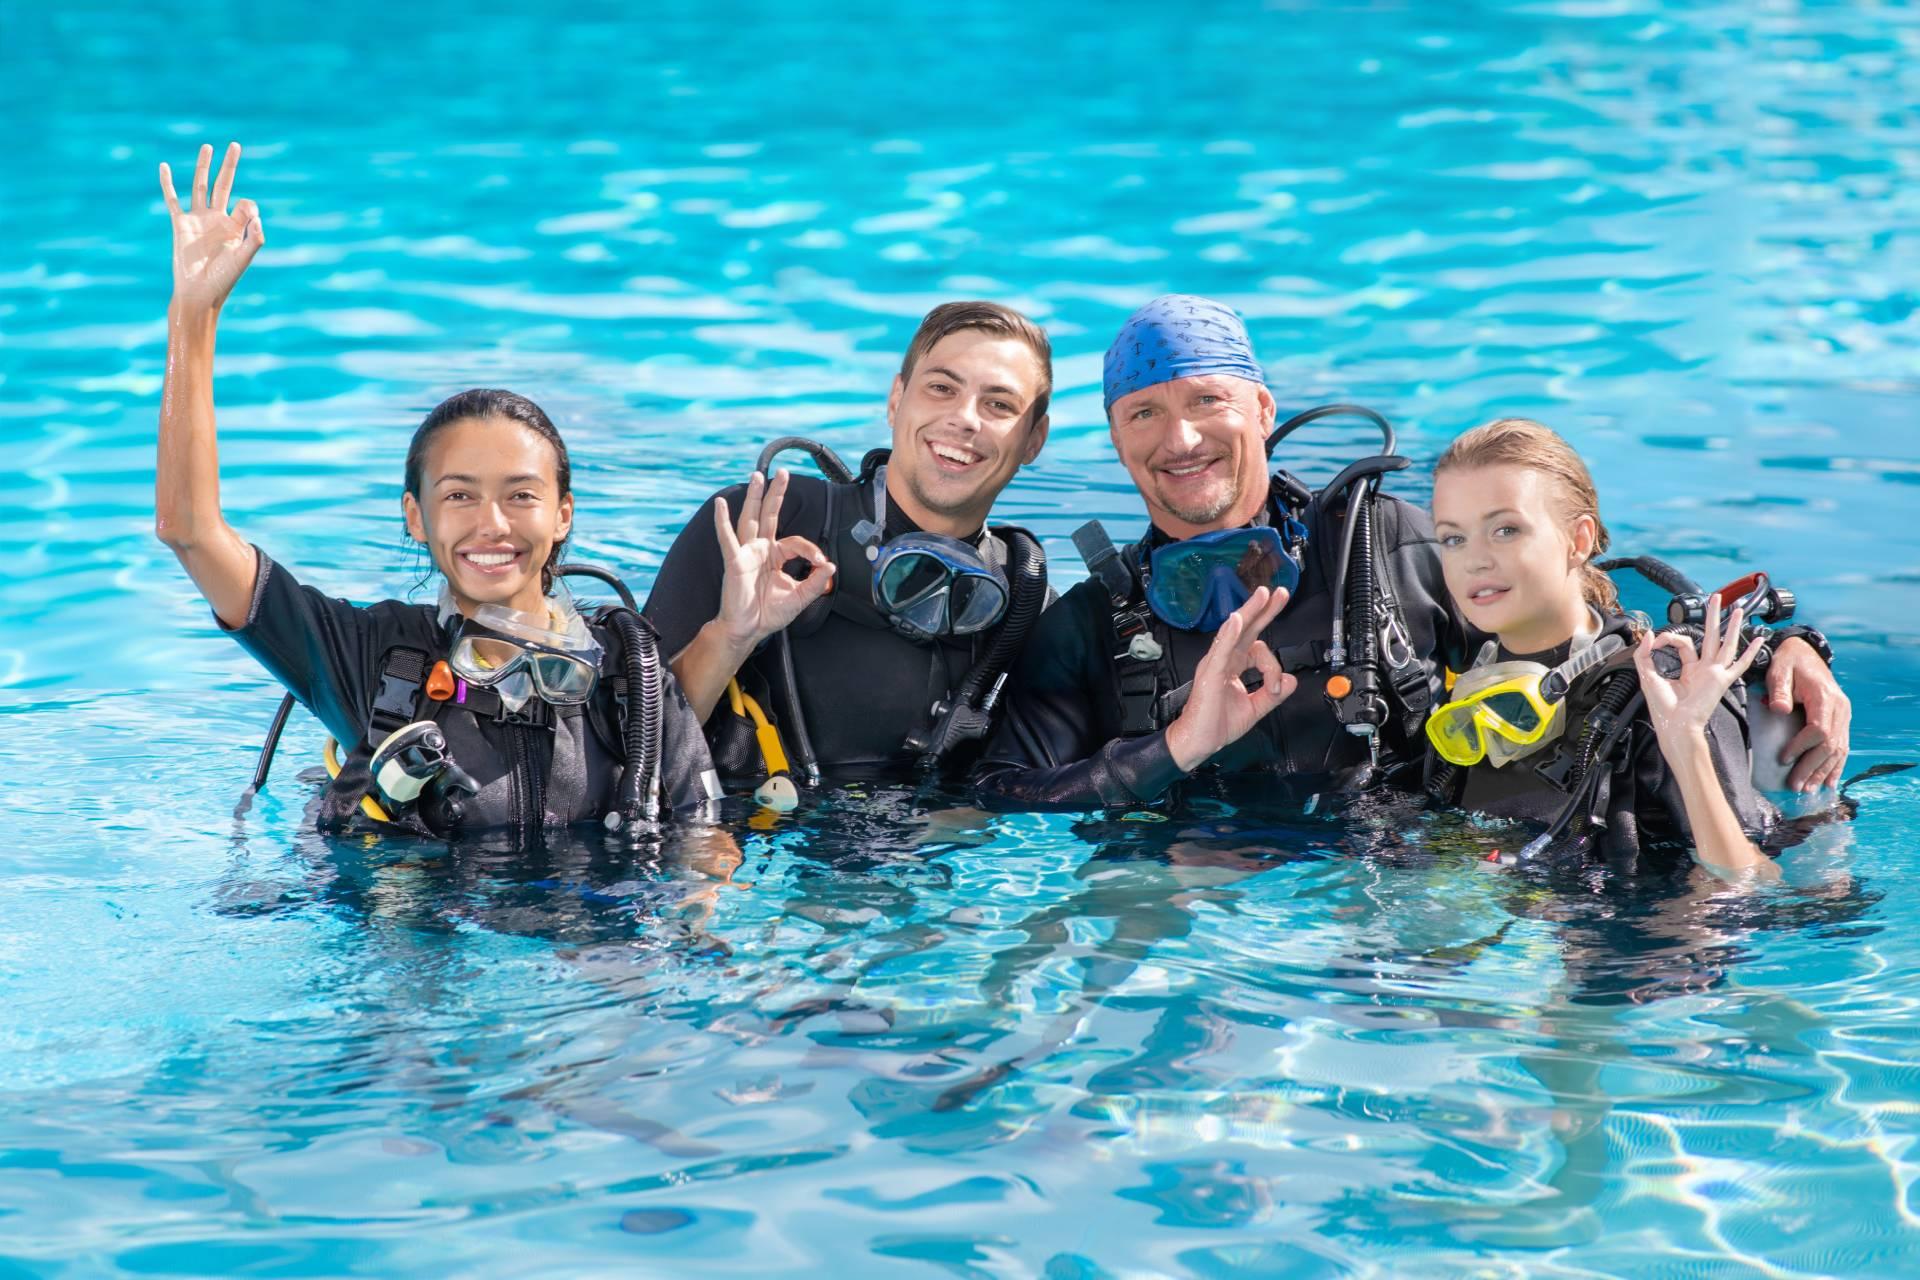 Try Dive in Havelock Islands, Andaman | PADI Scuba Dive Resort| Best Scuba Diving in Havelock